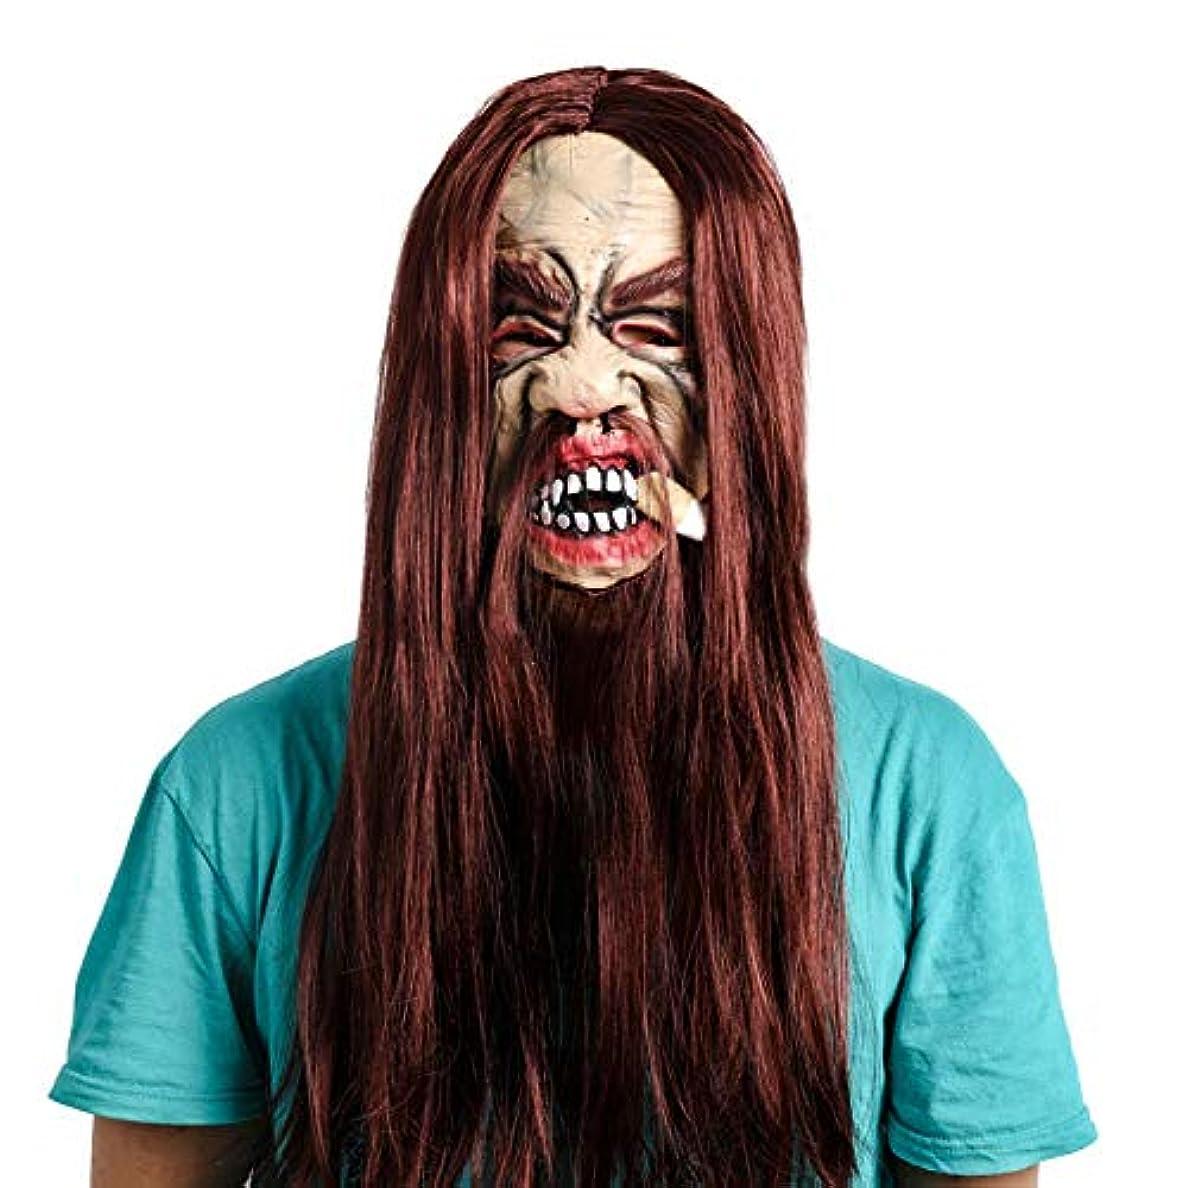 立法異形忍耐ハロウィンボールショーロングしかめっ面ブラウンビアード煙ゴーストは、プロップのパフォーマンスパフォーマンスの小道具をマスクマスク